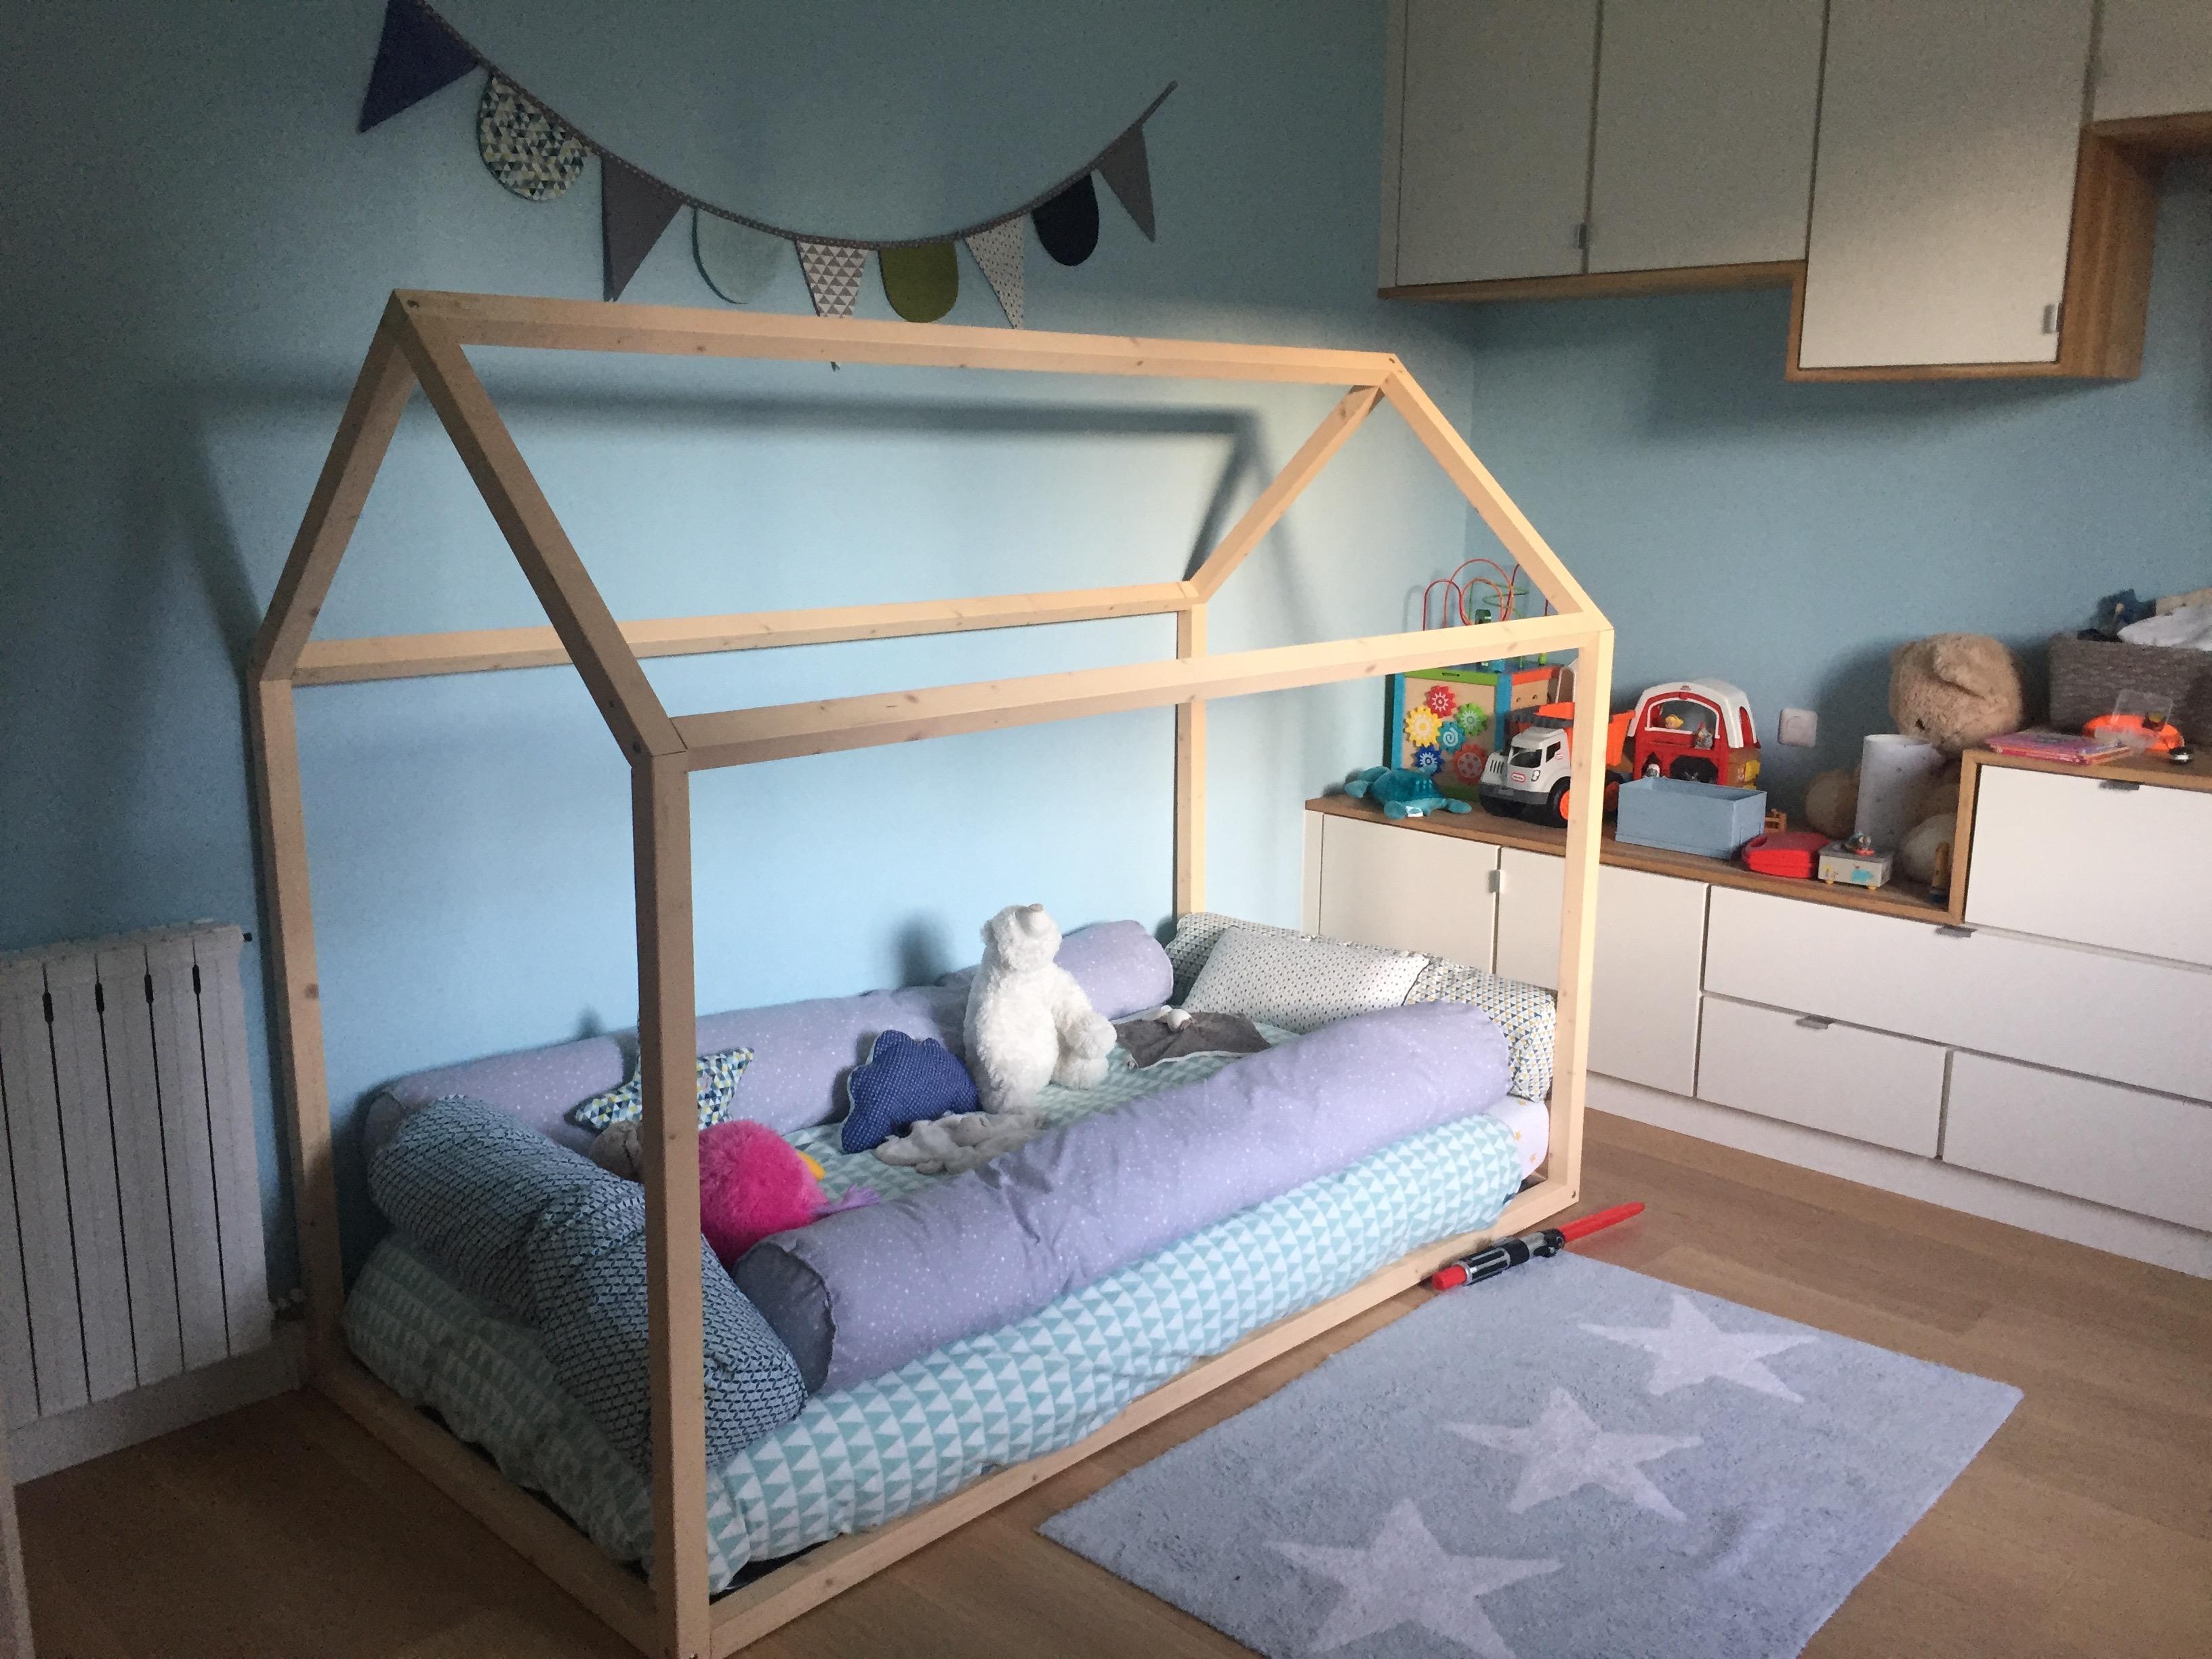 Fabriquer Lit Cabane Montessori faire un lit cabane montessori soi-même